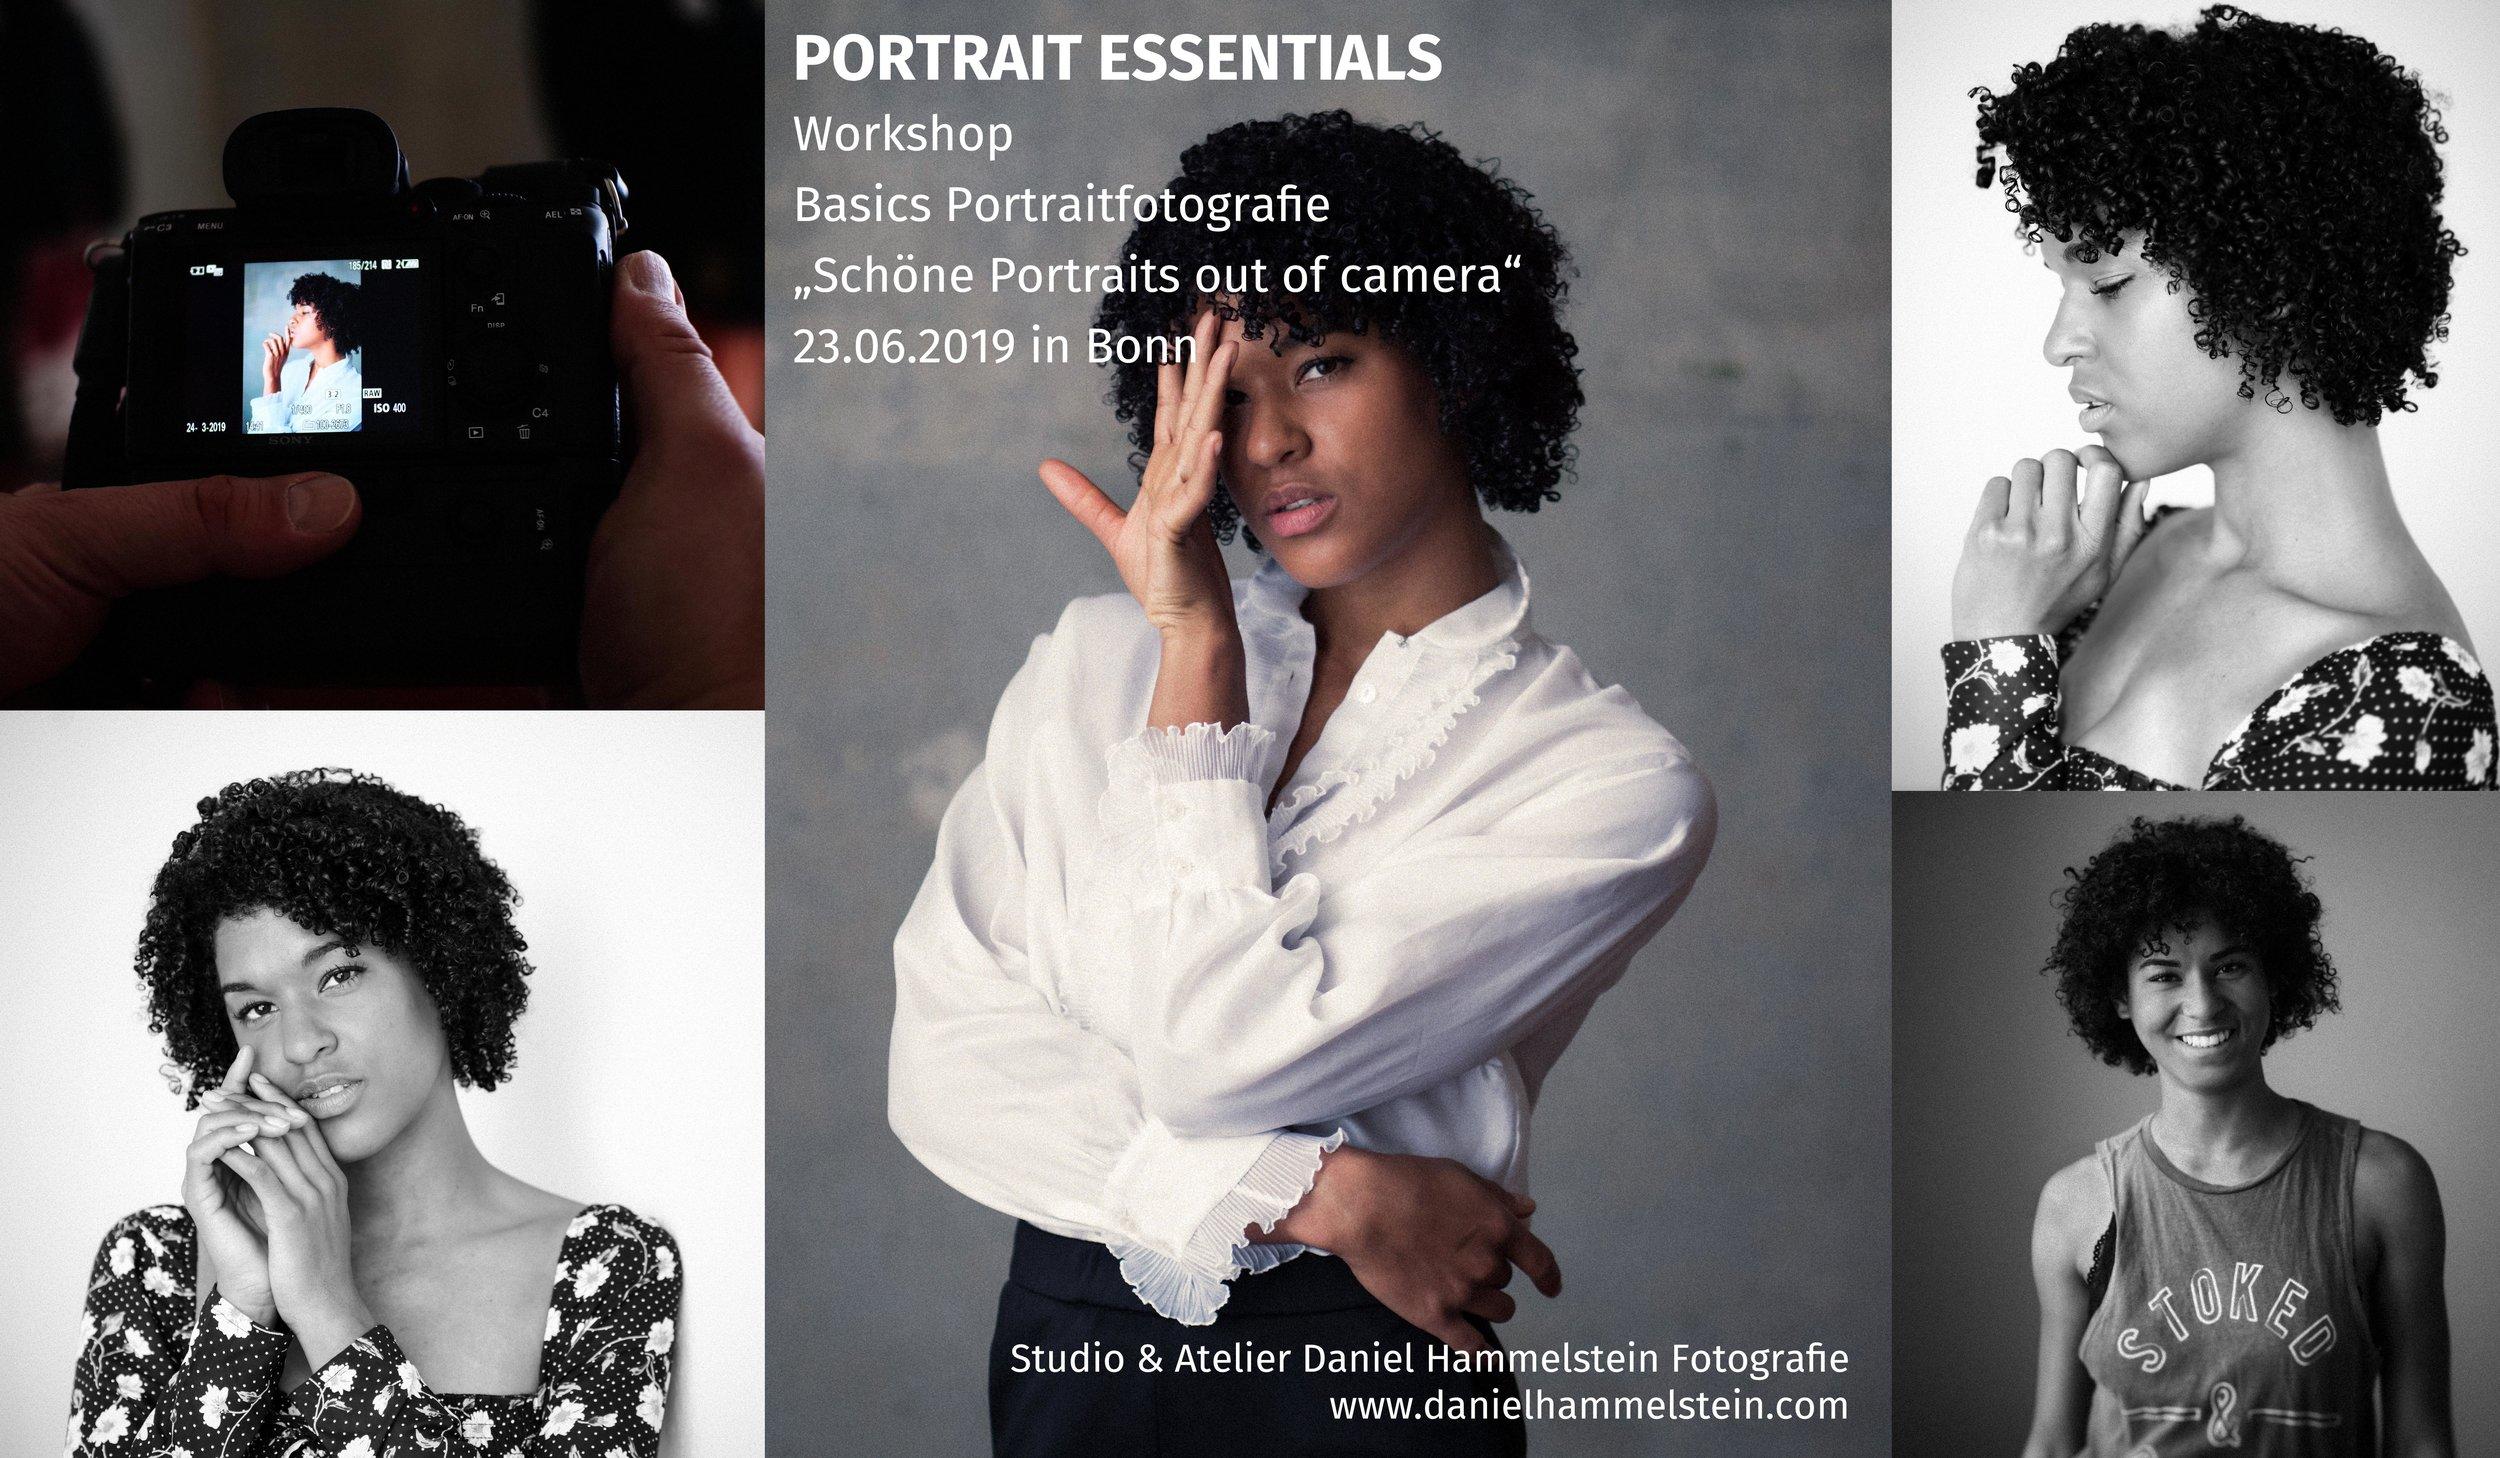 Grundlagen Portrait Workshop Portraitfotografie Schwarzweissfotografie Fotoworkshop Fotokurs Bonn Köln Düsseldorf NRW Juni 2019.jpg